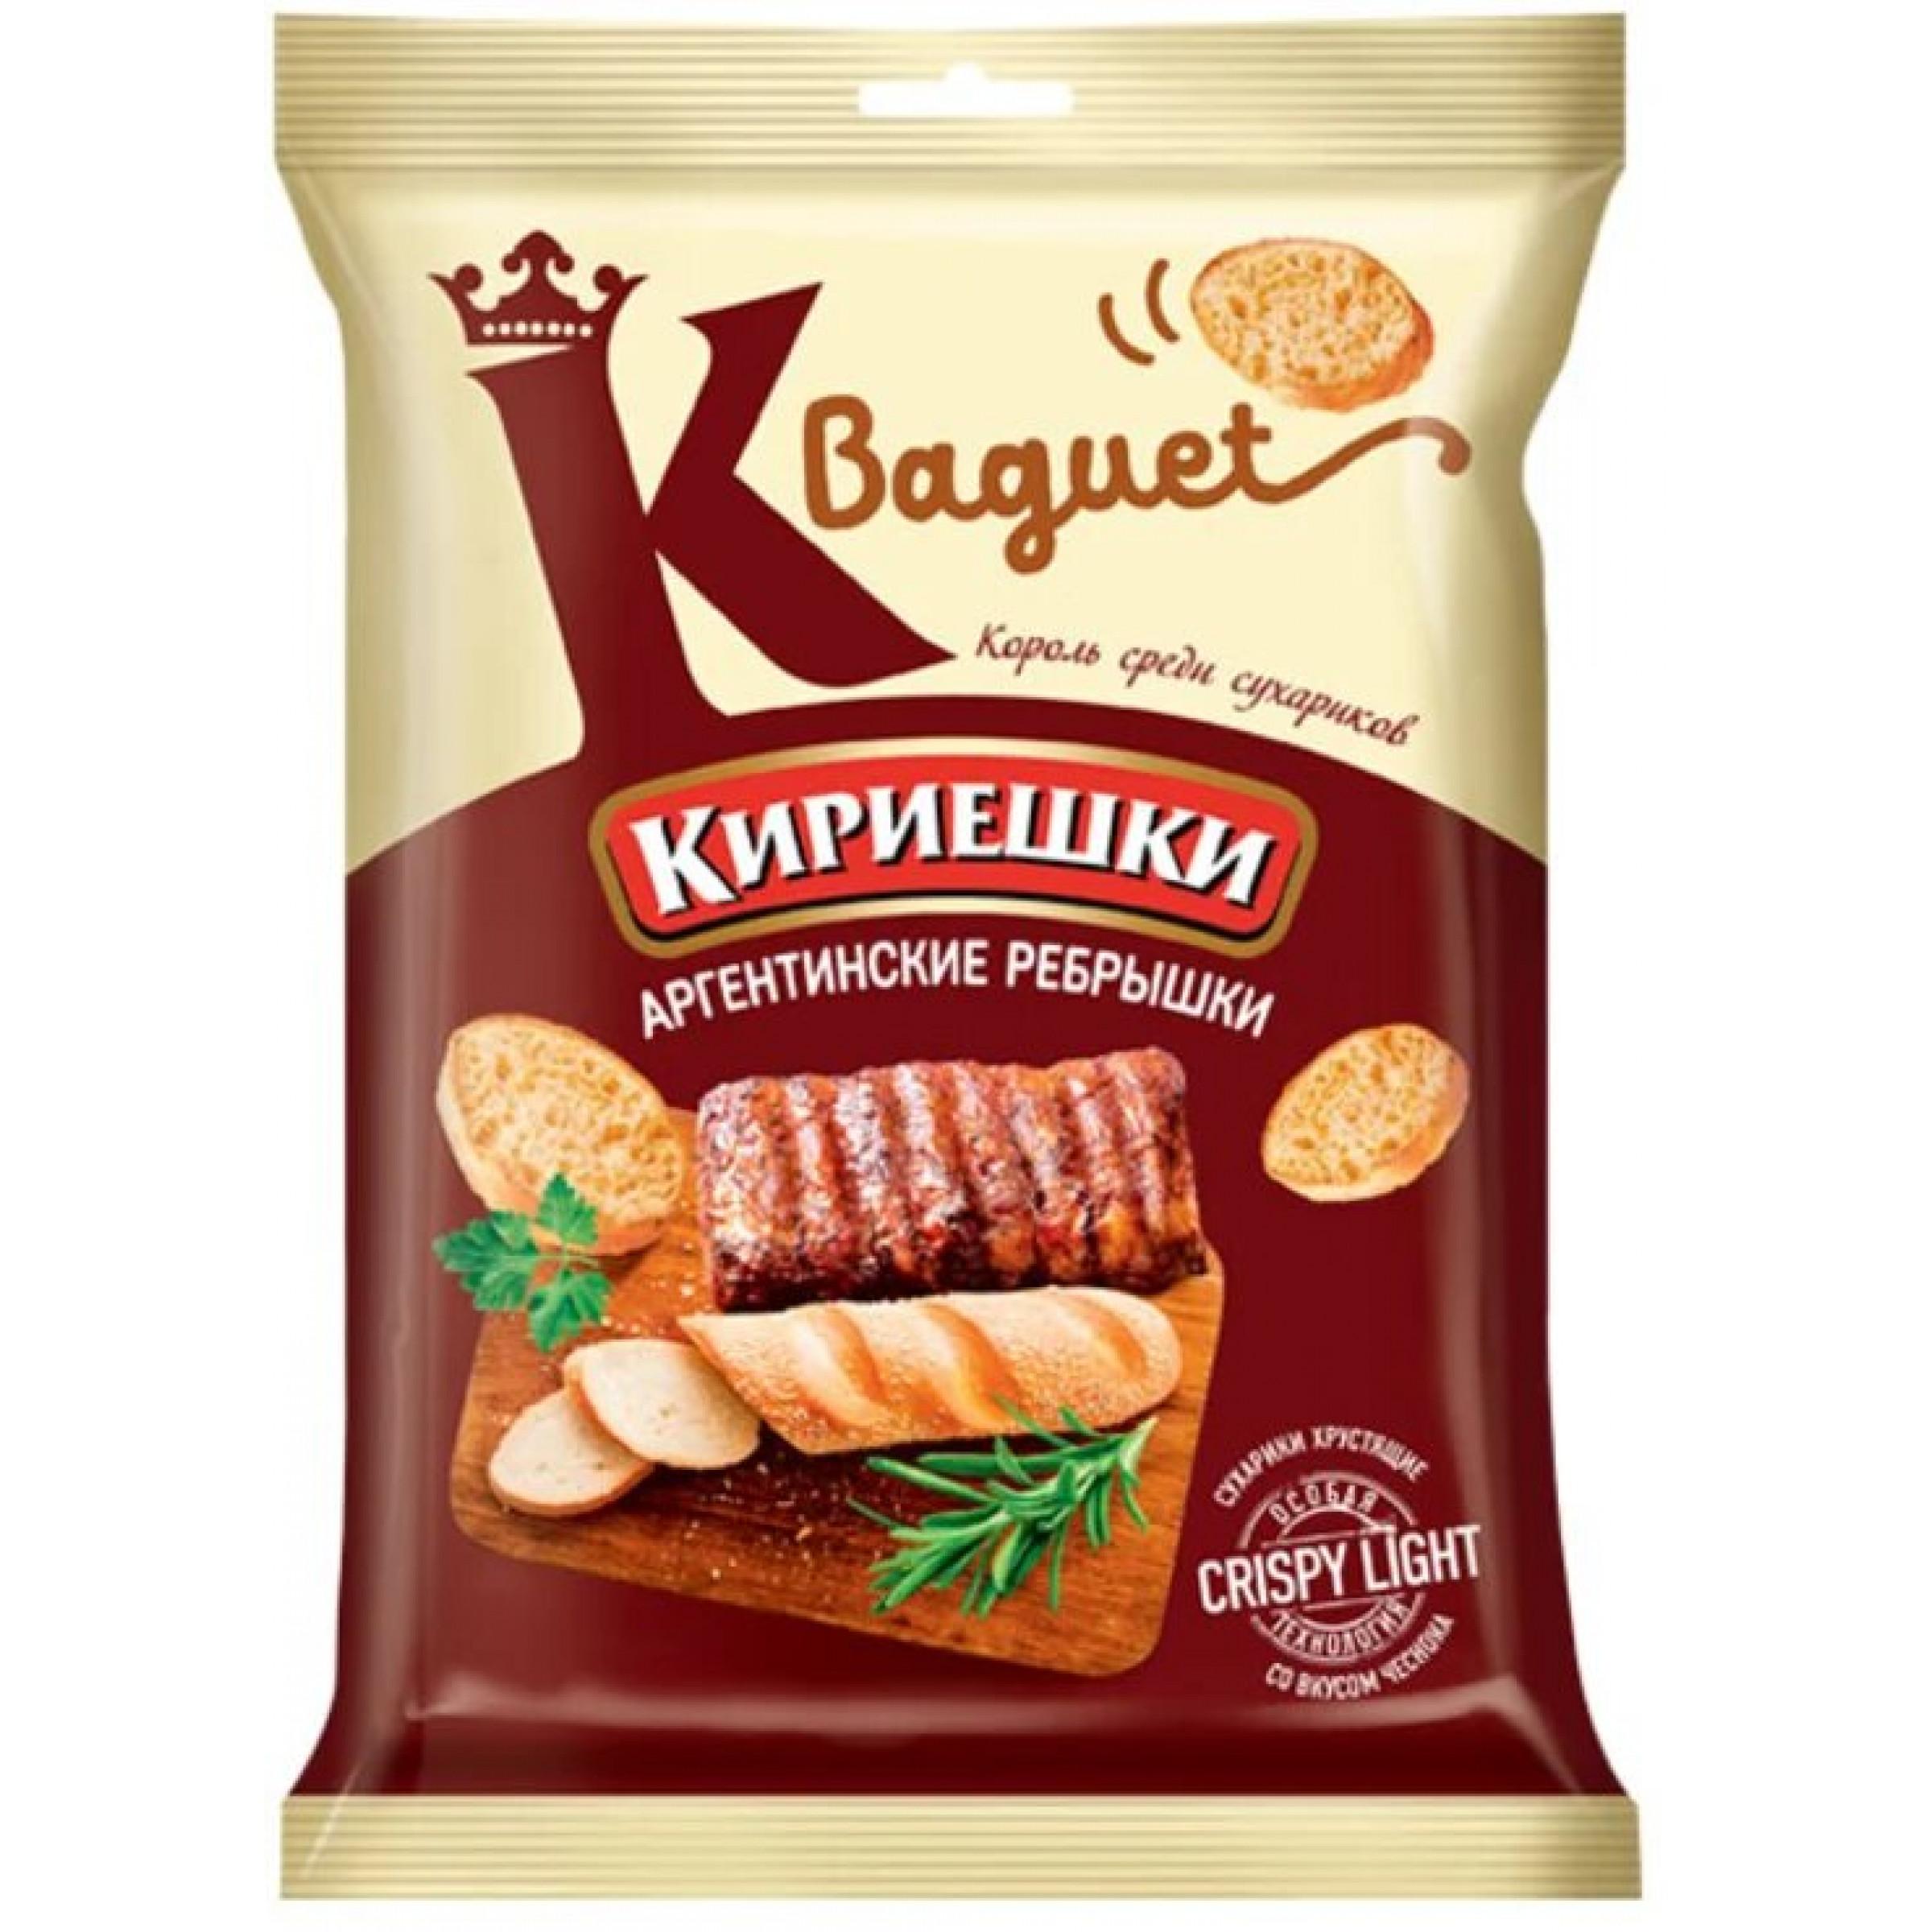 Сухарики Кириешки Baguet аргентинские ребрышки, 50 гр